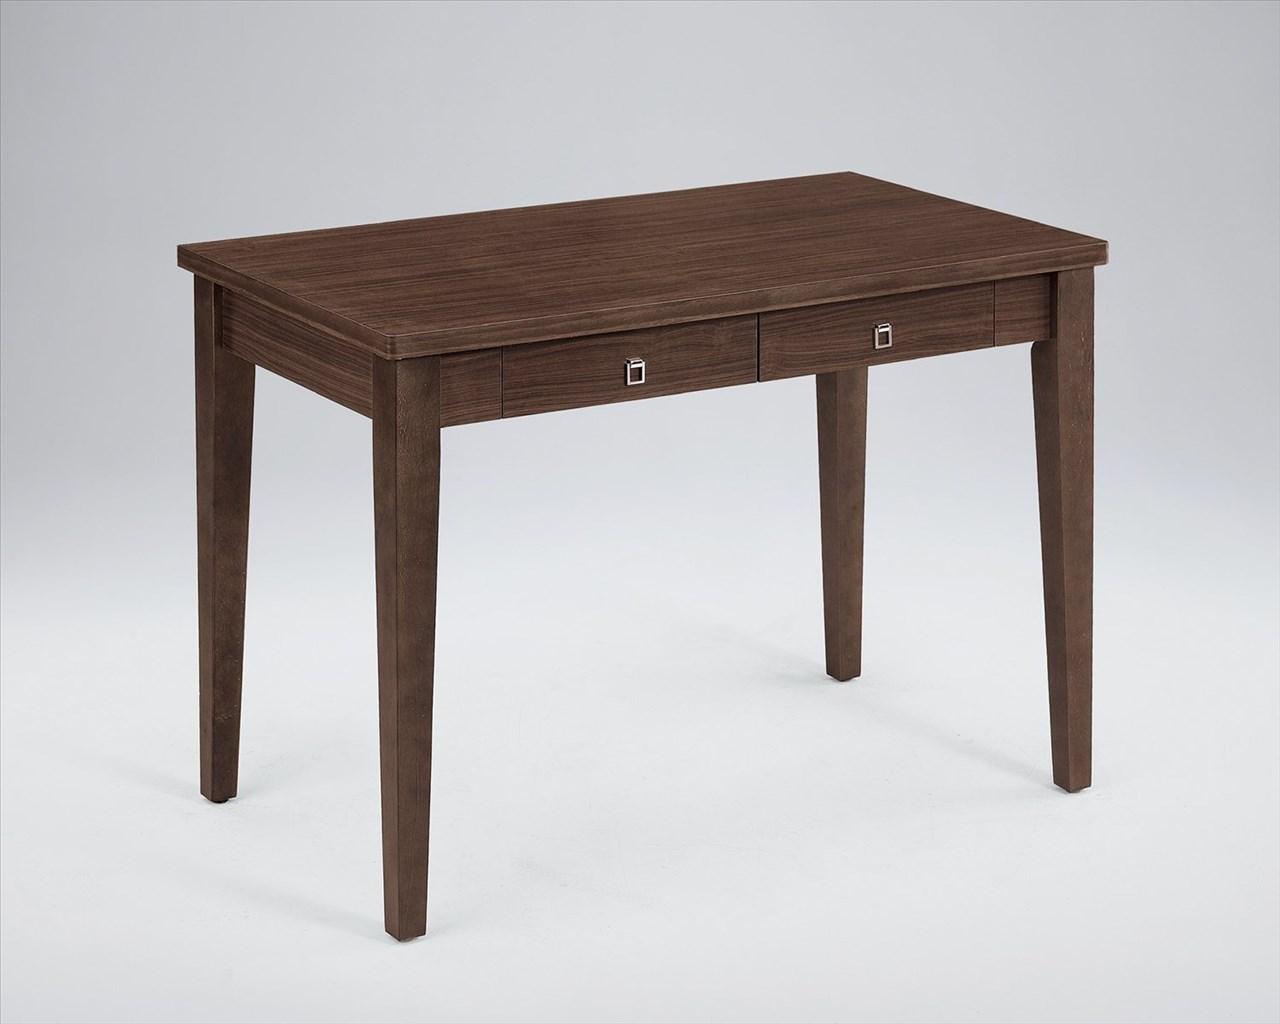 【石川家居】EF-312-6 雙星胡桃3.5尺書桌 (不含其他商品) 需搭配車趟